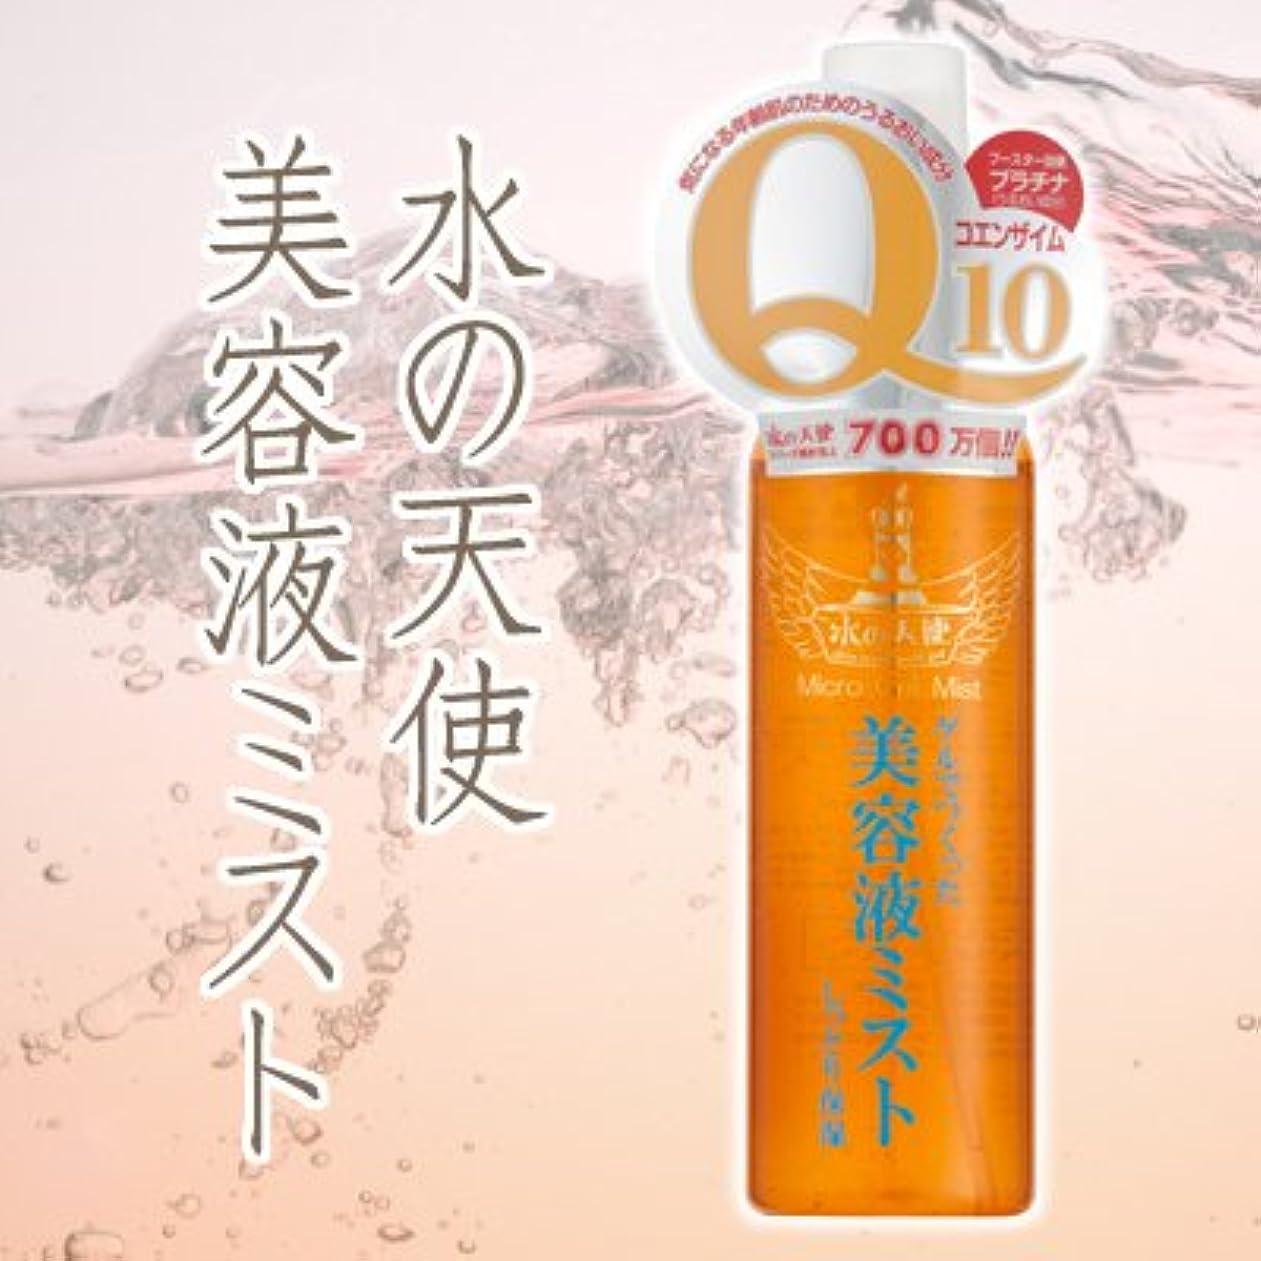 受動的金額振動させる水の天使美容液ミスト 120ml 2個セット ※あの「水の天使」シリーズから美容液ミストが新登場!